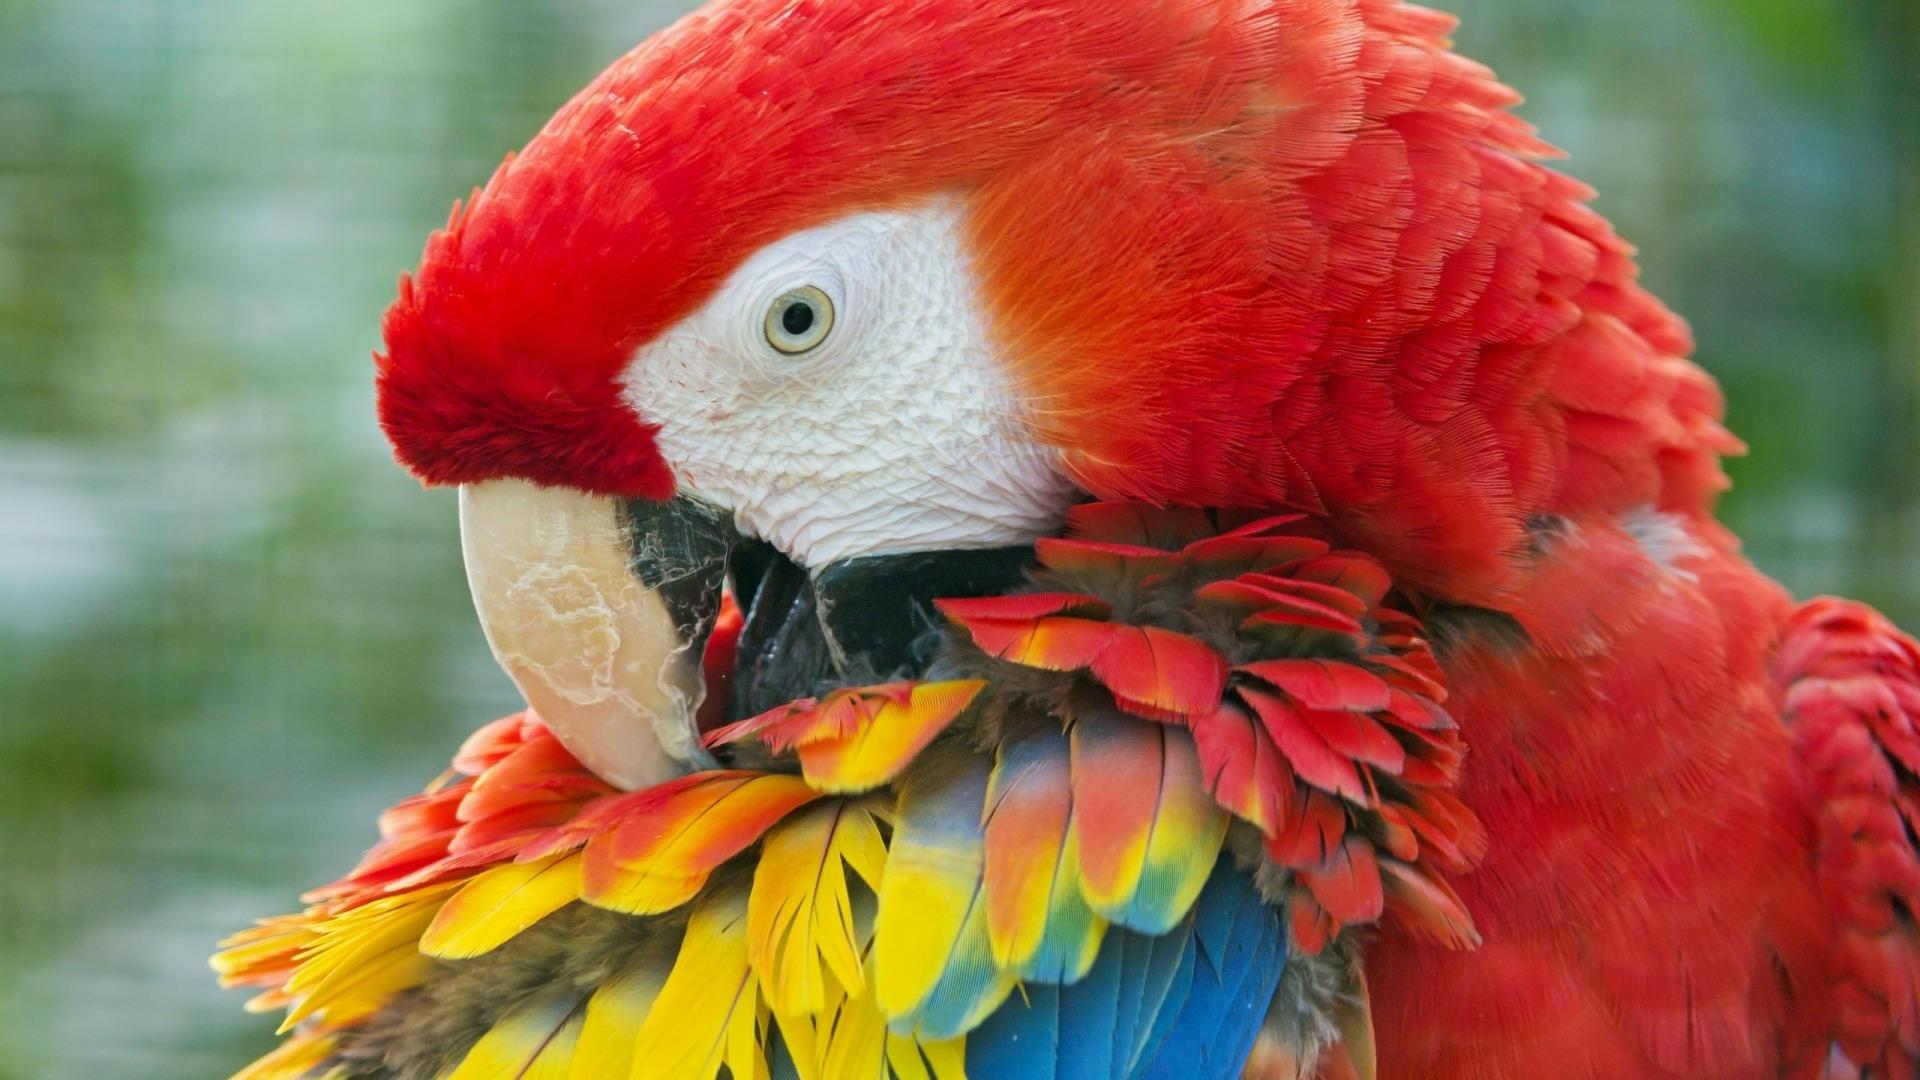 Parrot Bird Wallpaper